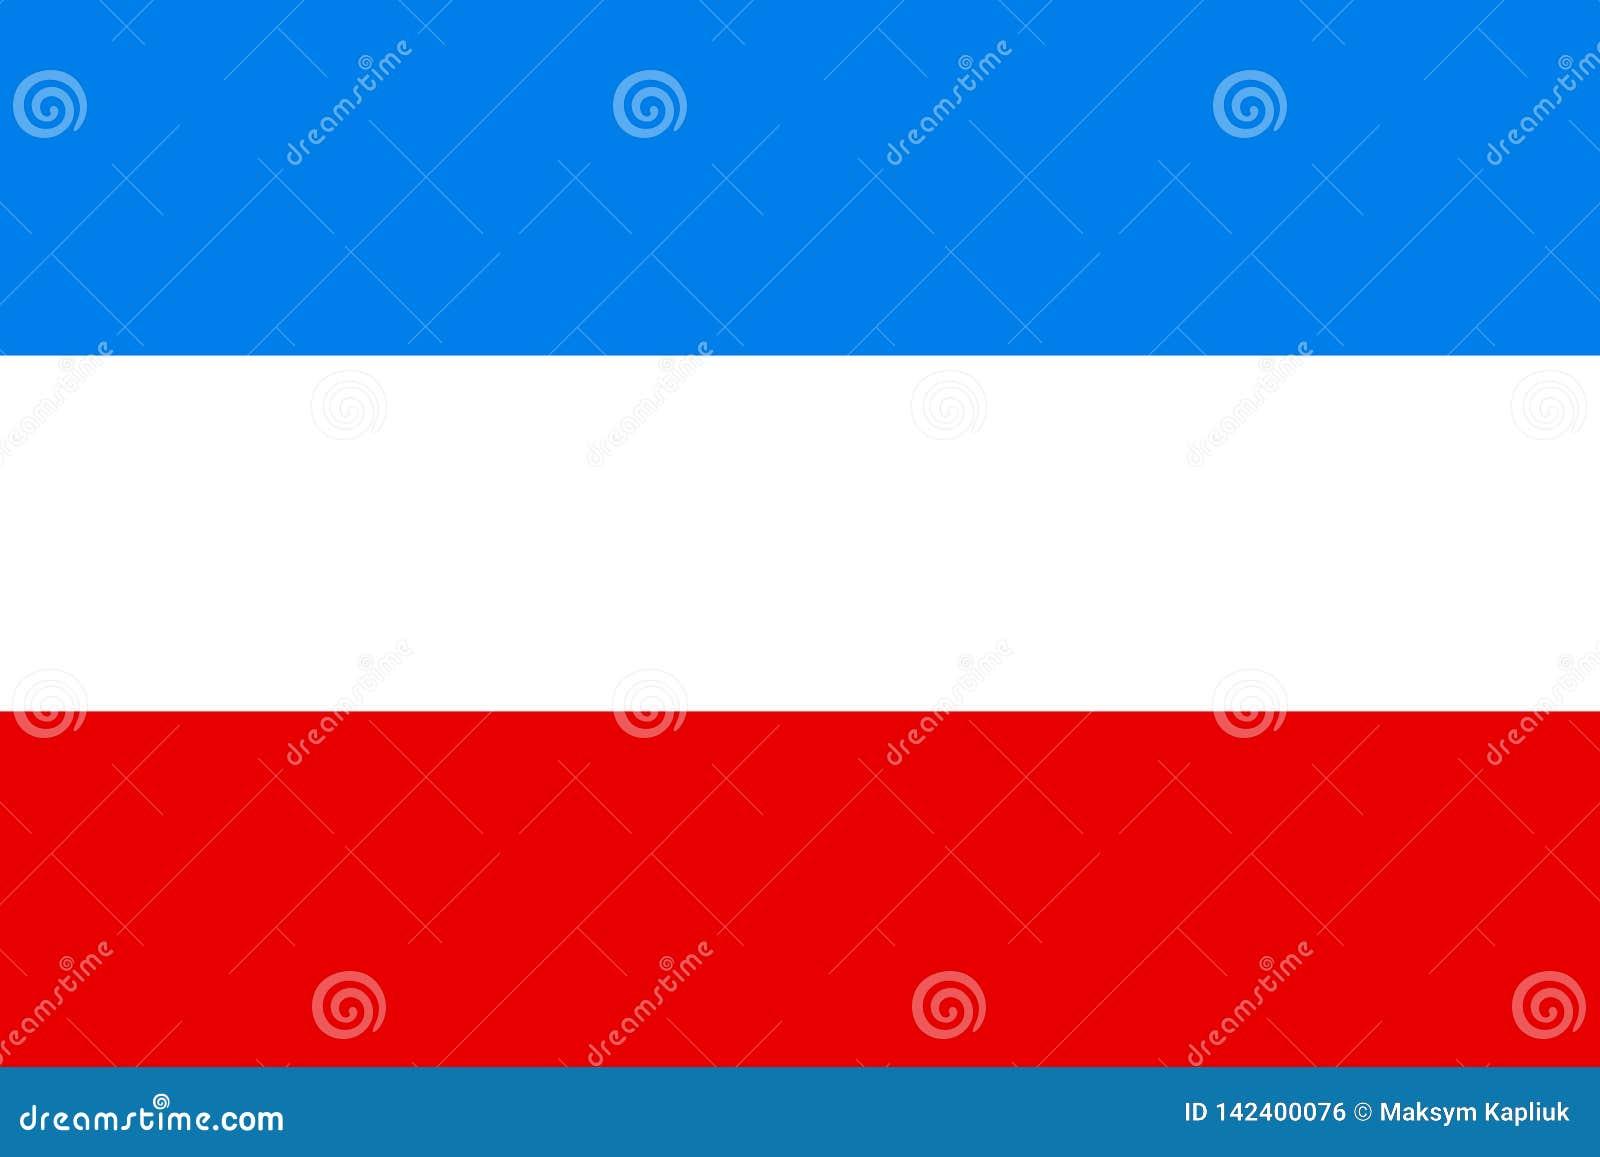 Vektorflagge von Mannheim-Stadt, Baden-Wü rttemberg, Deutschland Vektorflaggenillustration